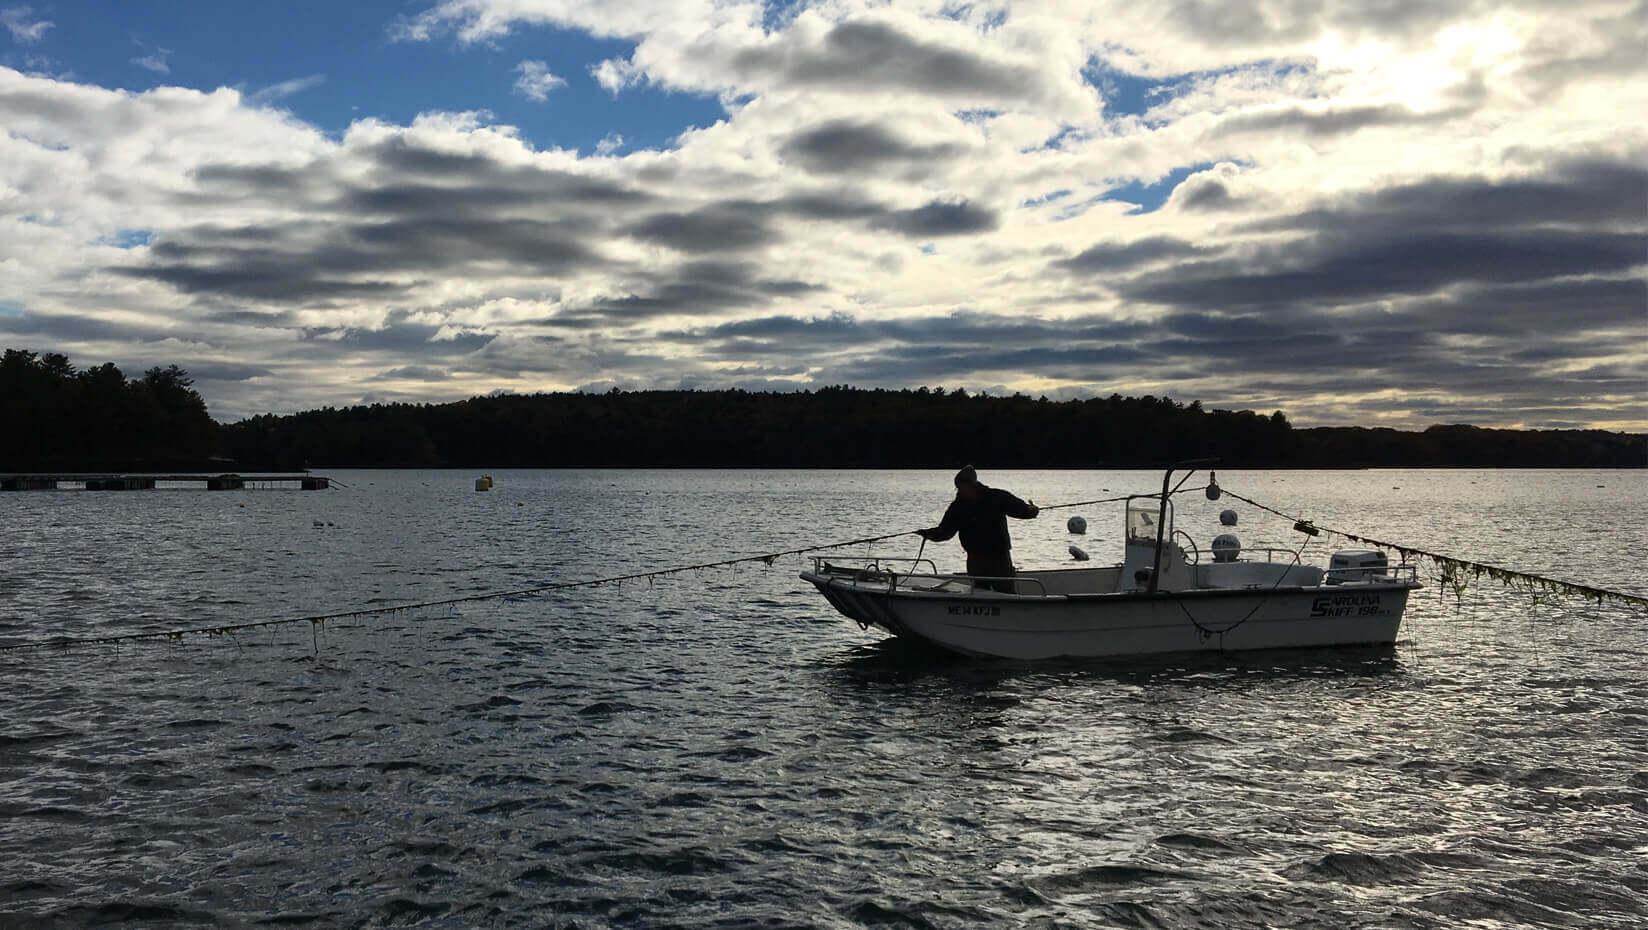 dmc boat marine fishing